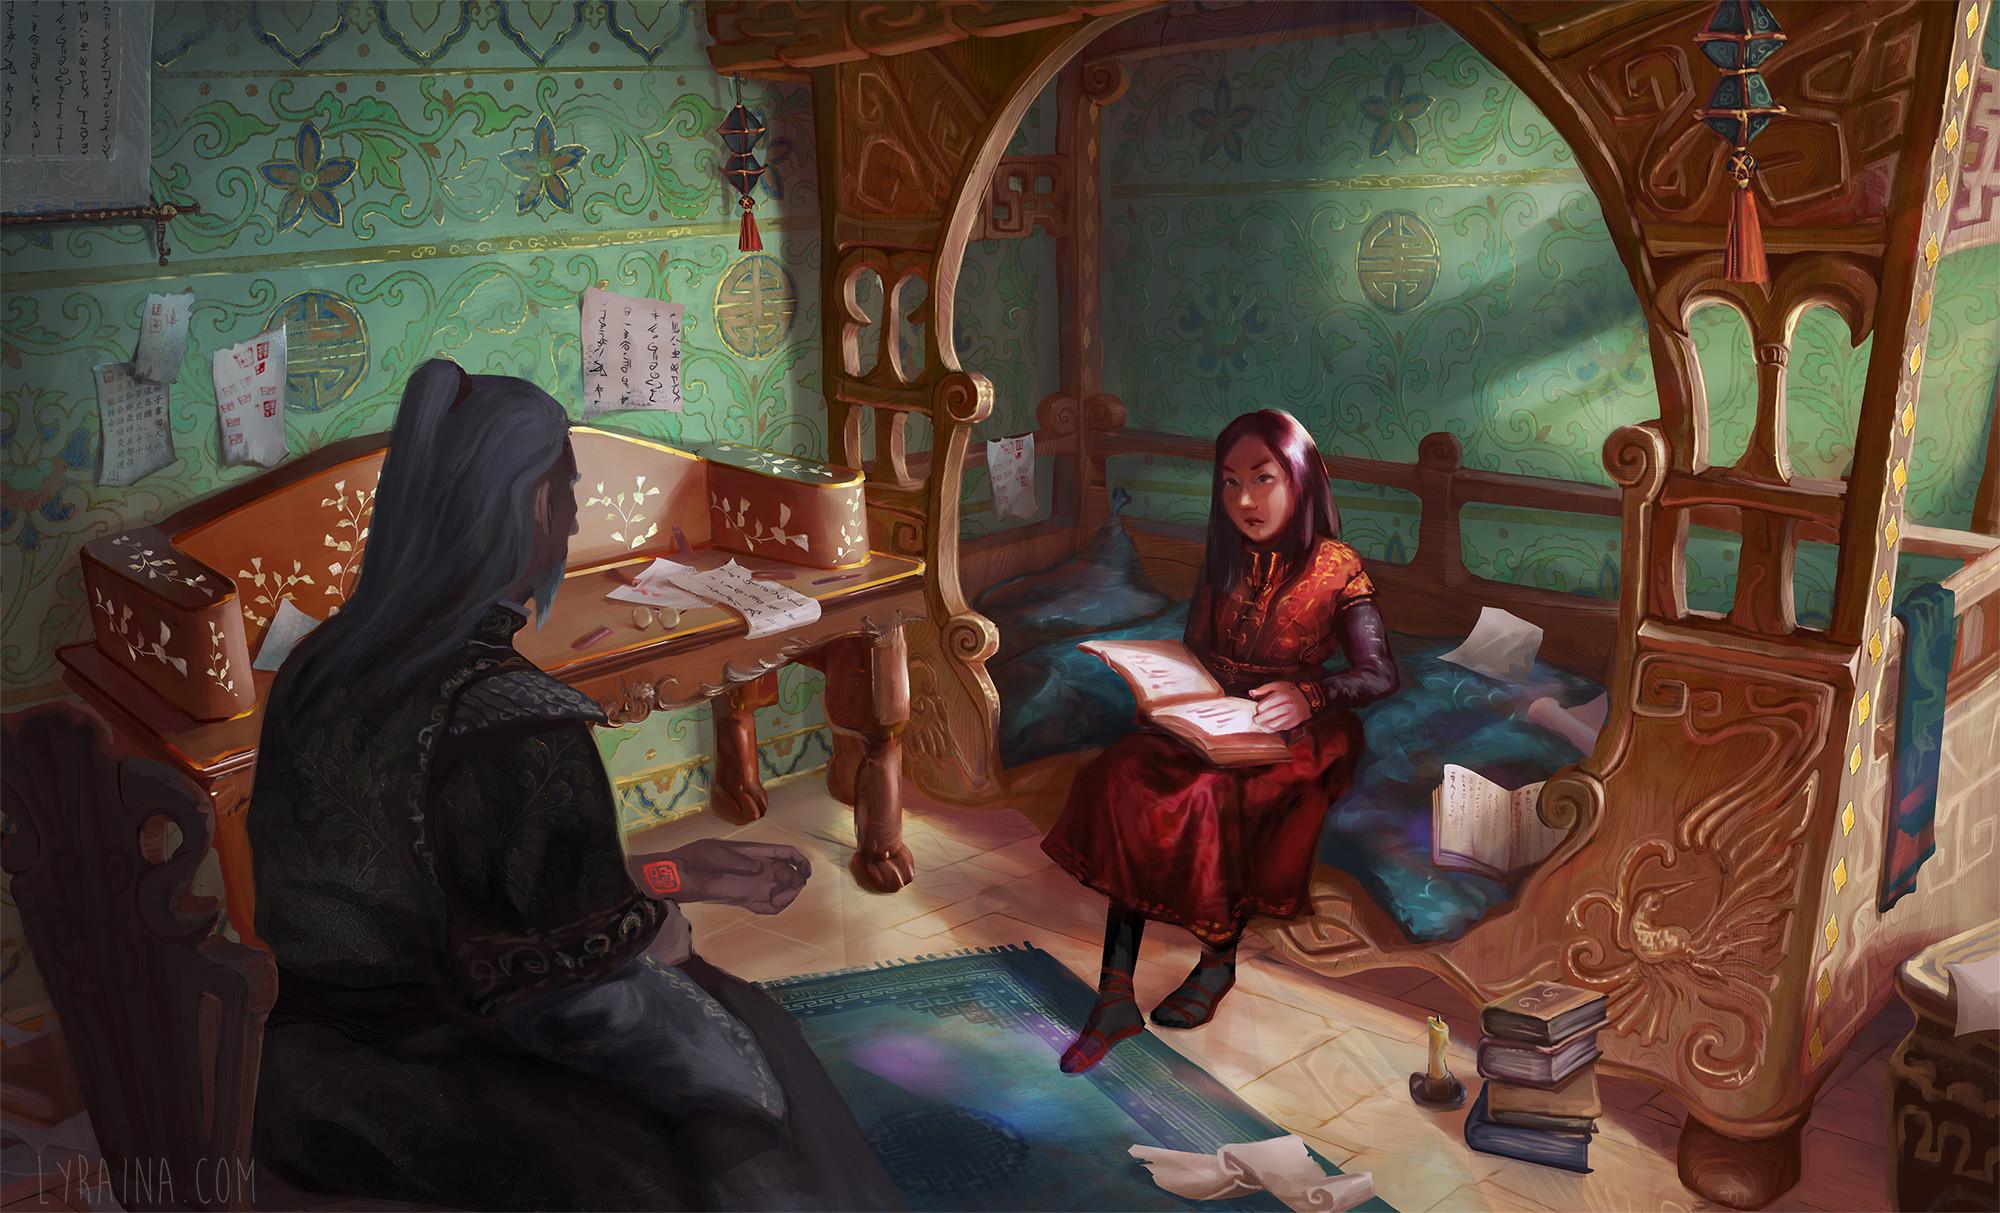 Key Scene of Shai and Gaotona, in Shai's improved chamber.